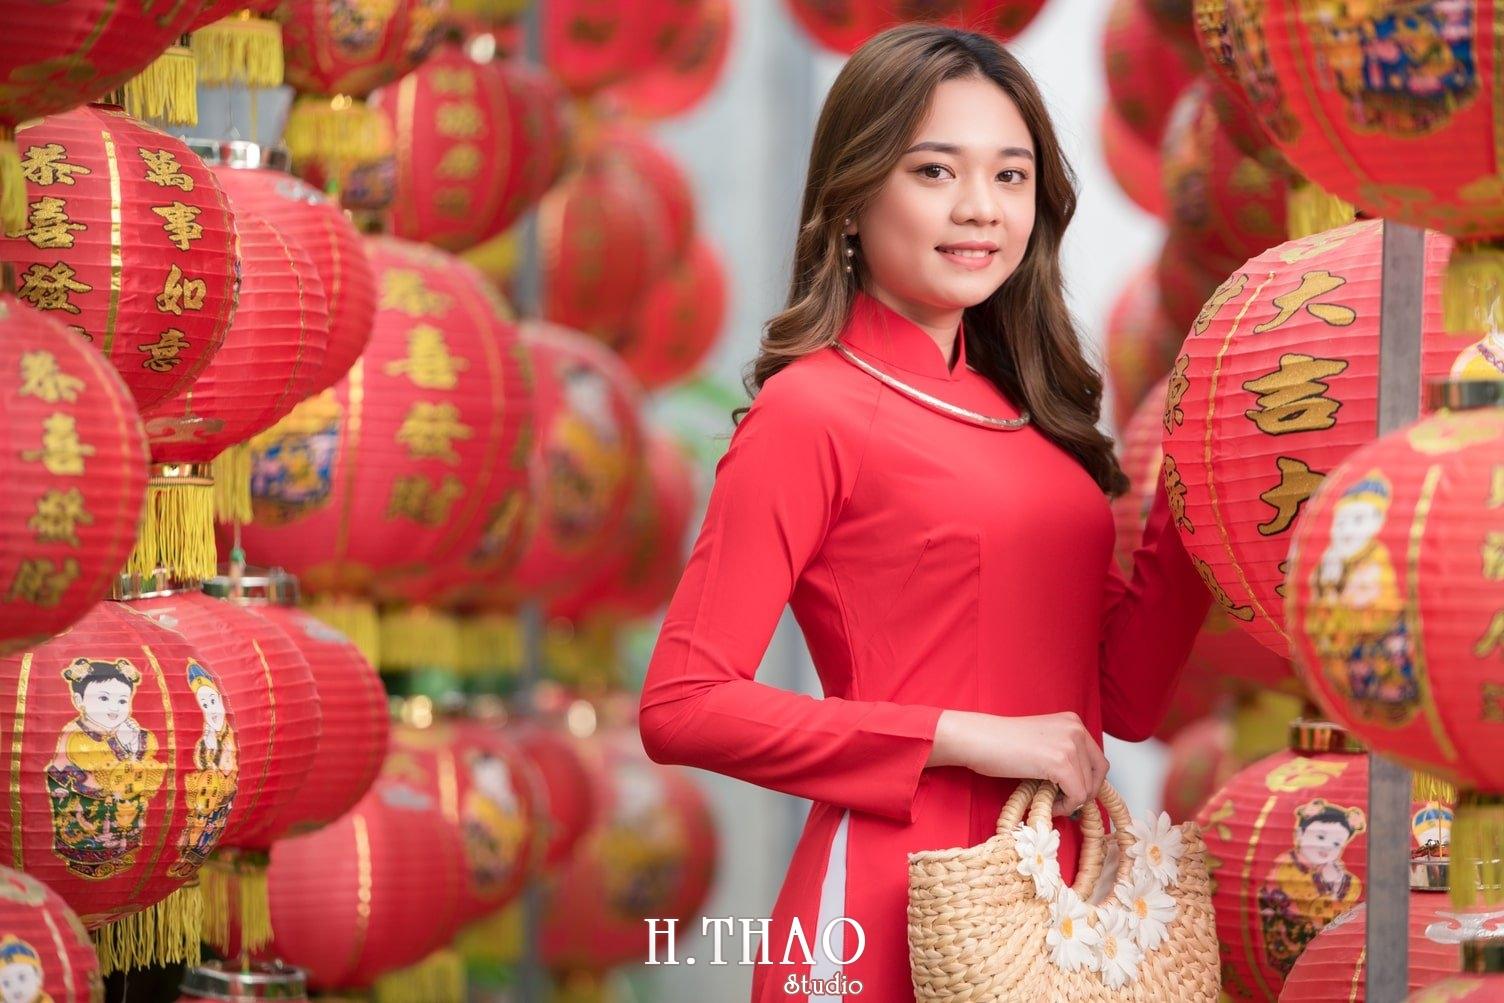 Ao dai tet do 15 - Top 40 ảnh áo dài chụp với Hoa đào, hoa mai tết tuyệt đẹp- HThao Studio